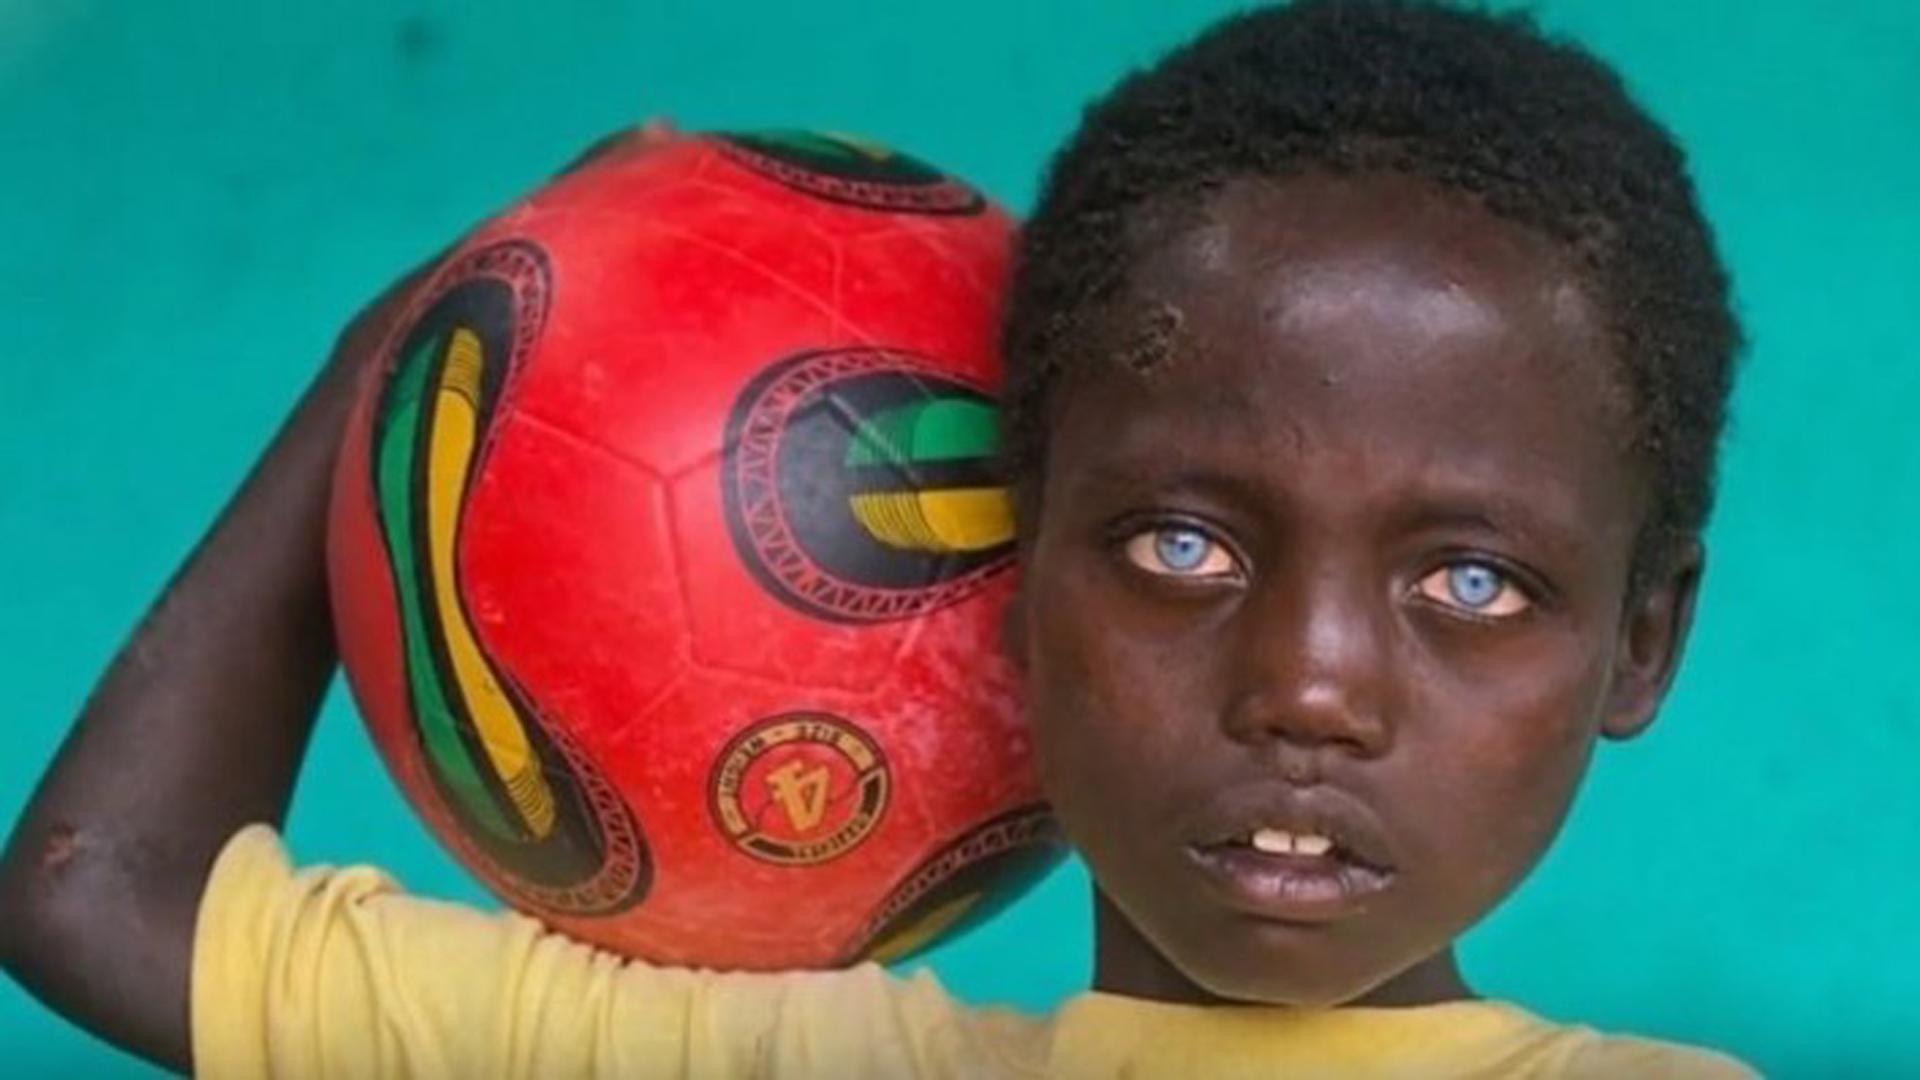 El chico sueña con convertirse en una estrella del fútbol